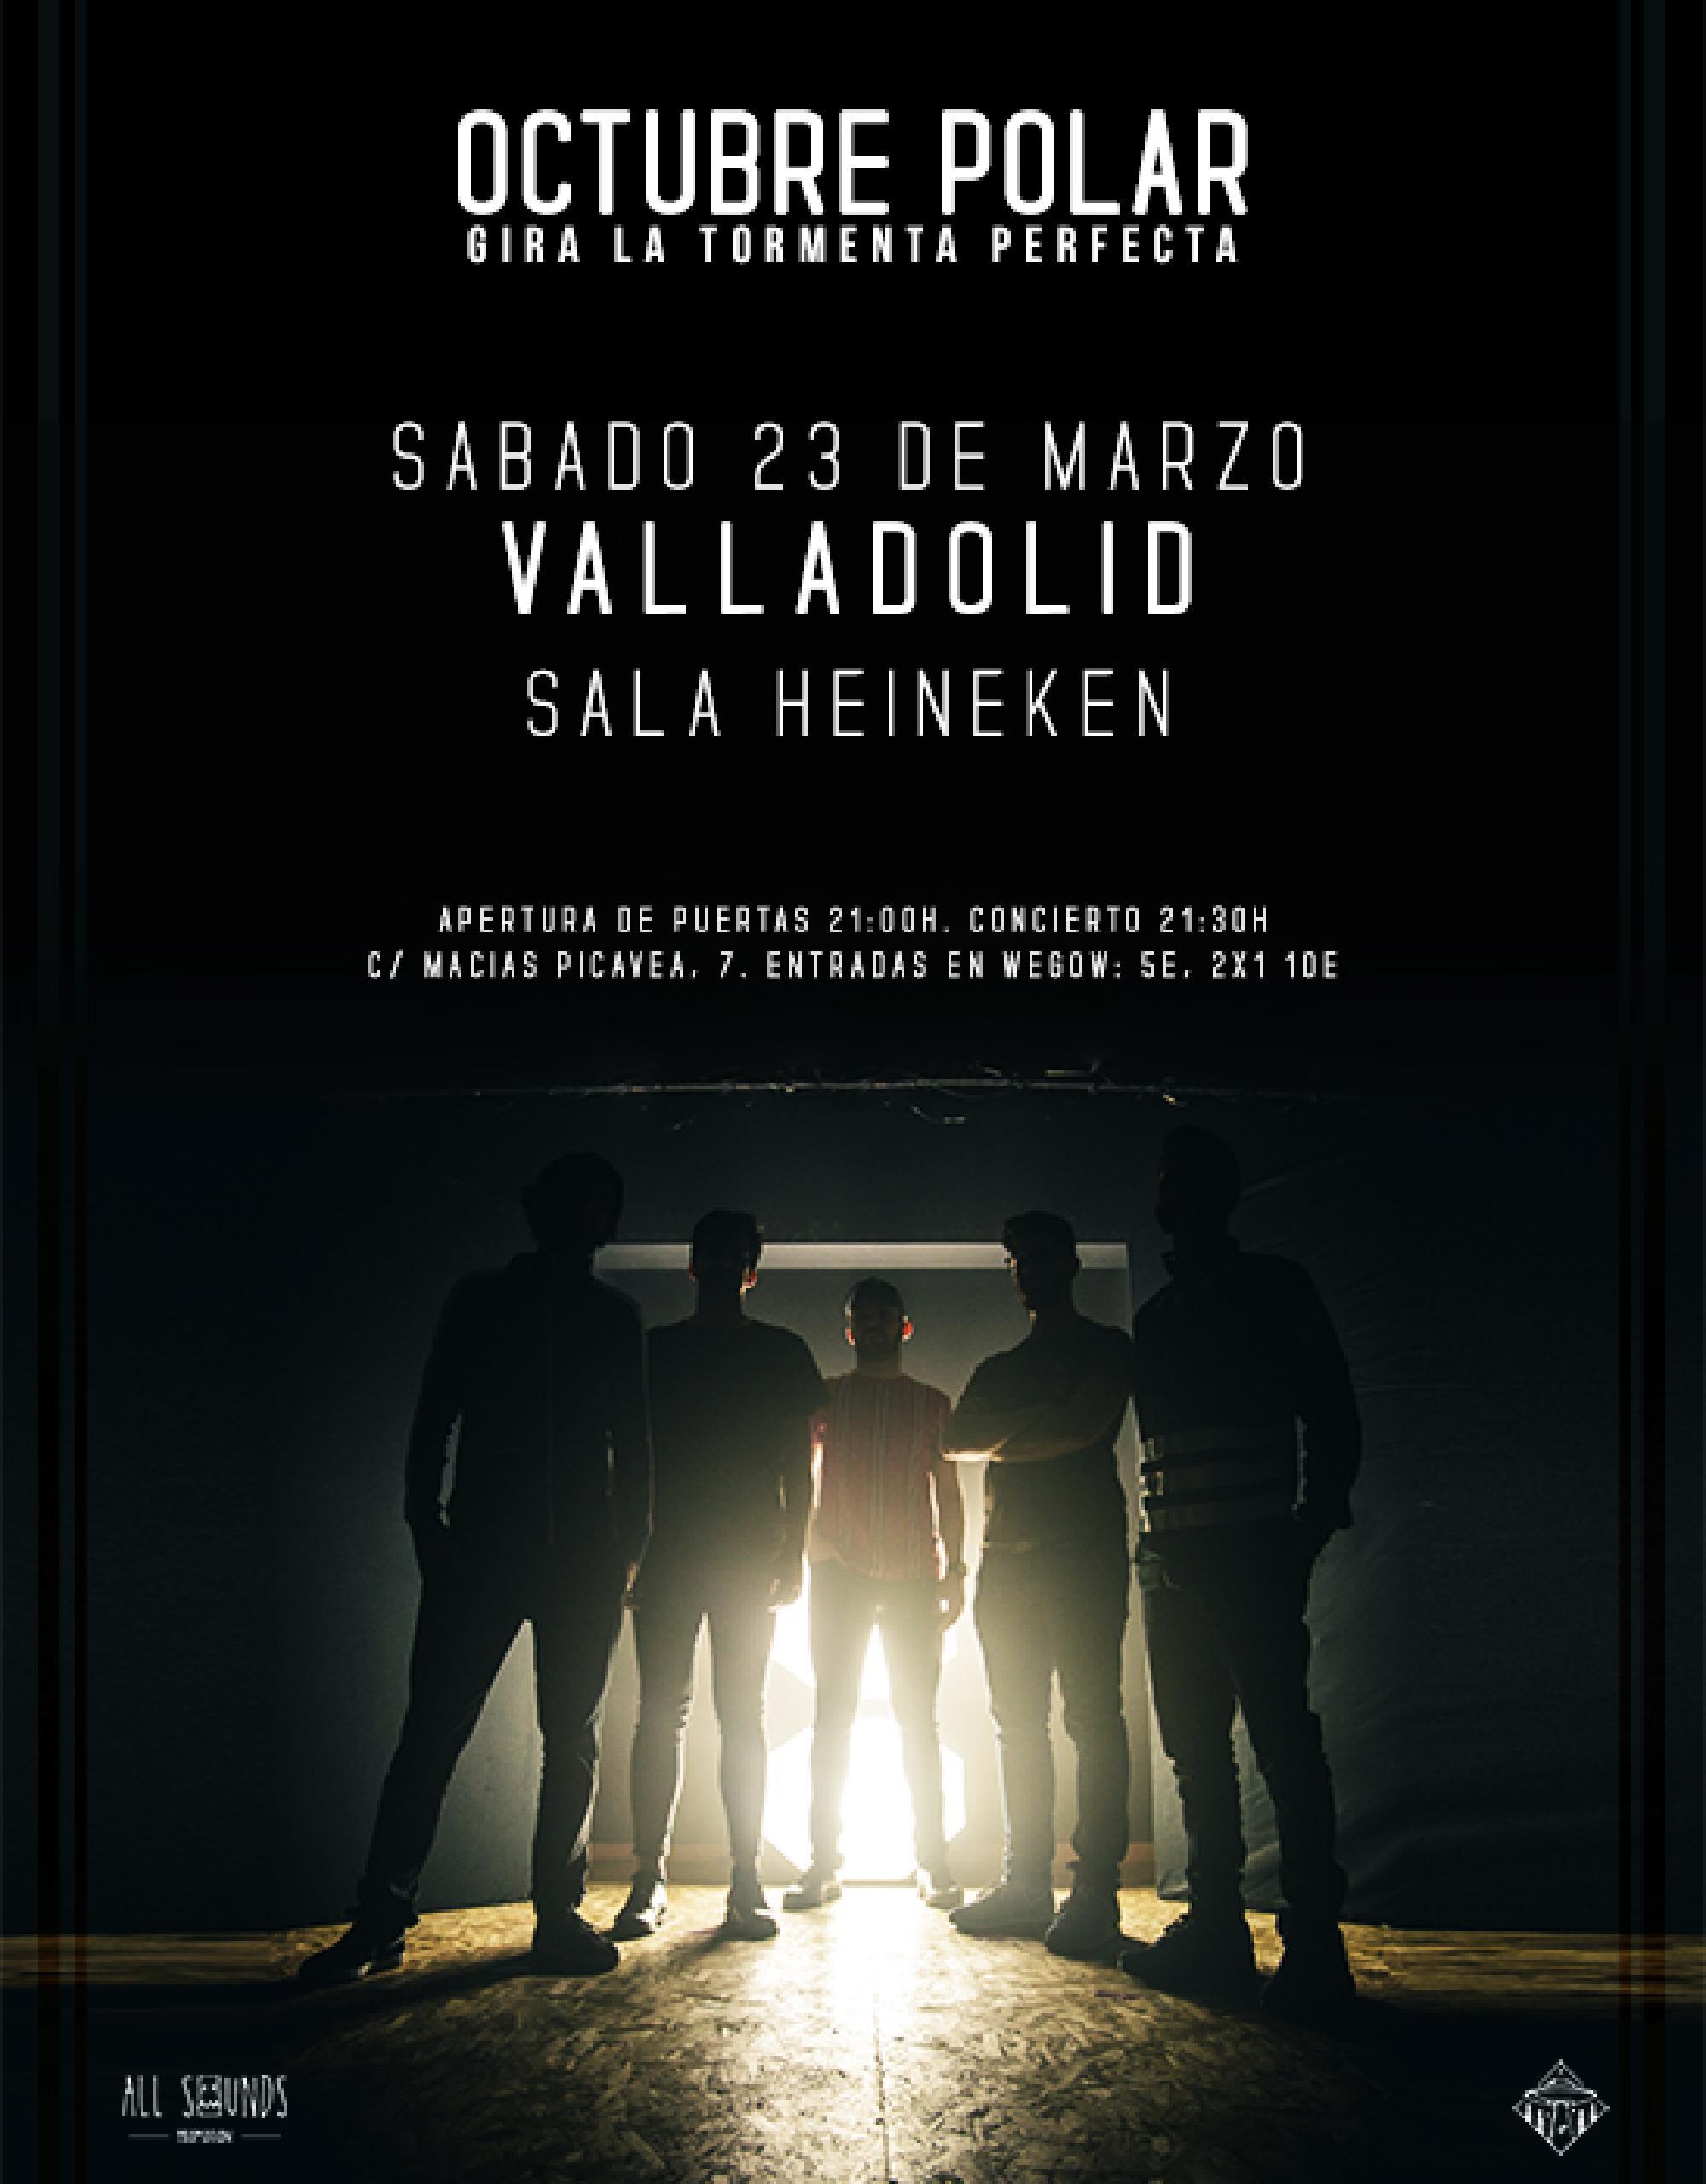 Octubre Polar presenta 'La Tormenta Perfecta' en la Sala Heineken de Valladolid.